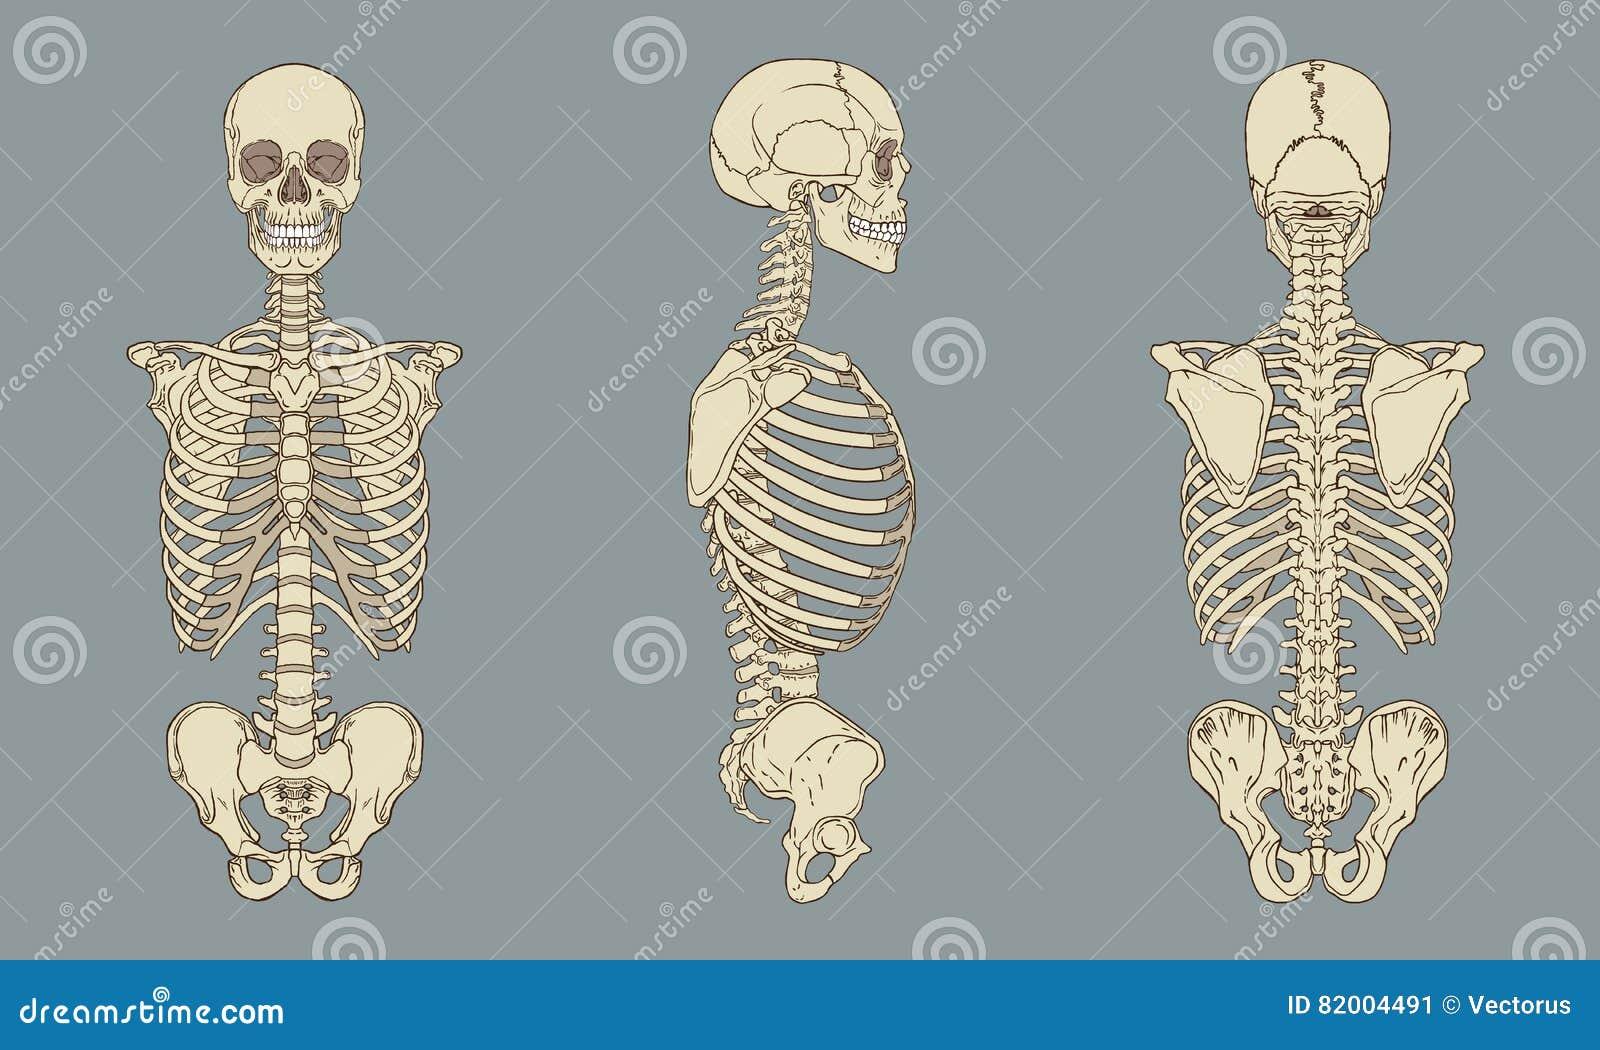 Menschlicher Torso-skelettartiger Anatomie-Satz-Vektor Vektor ...